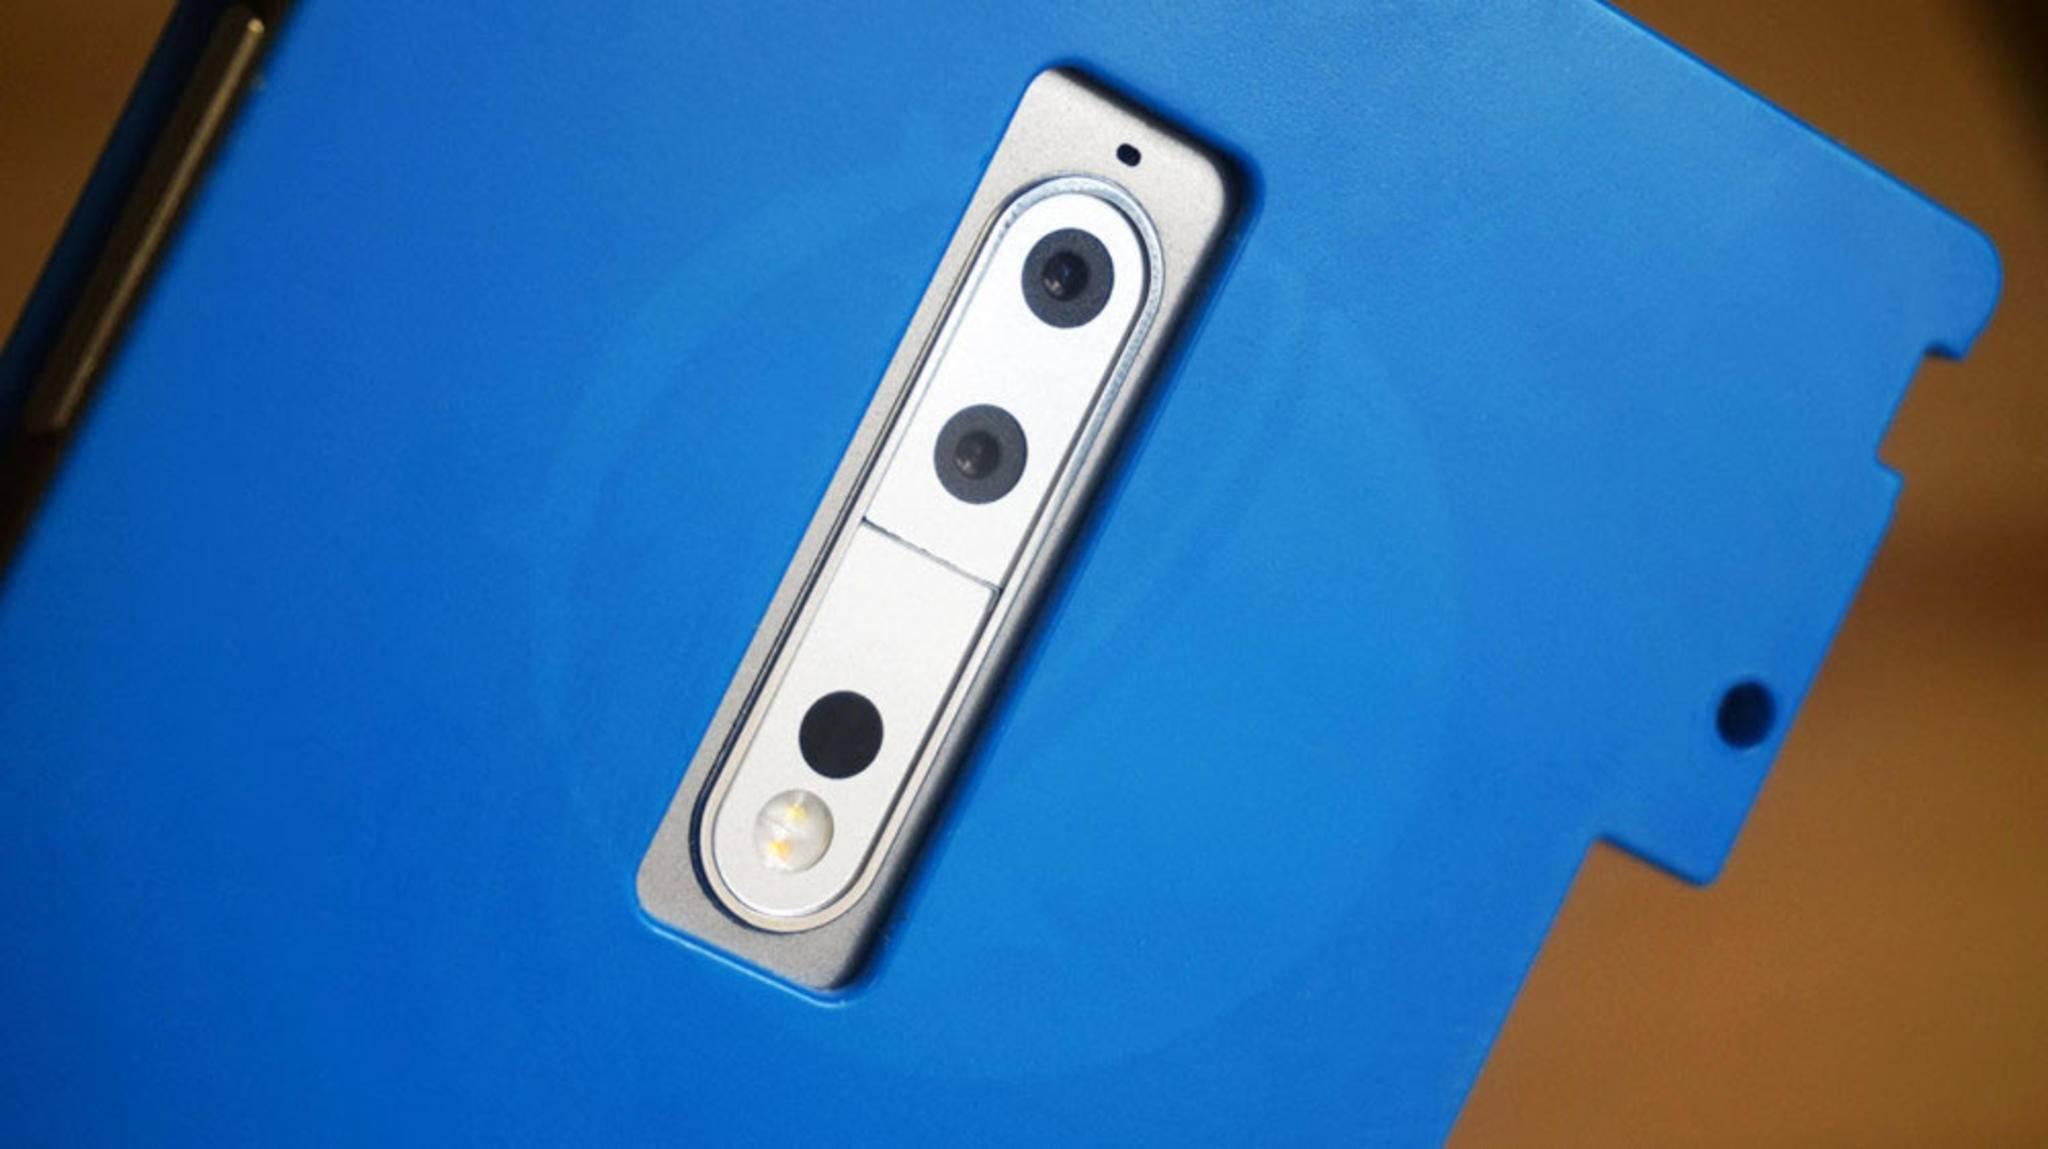 Trotz speziellem Case zeigt sich wohl die Dual-Kamera des Nokia 9 auf diesem Bild.